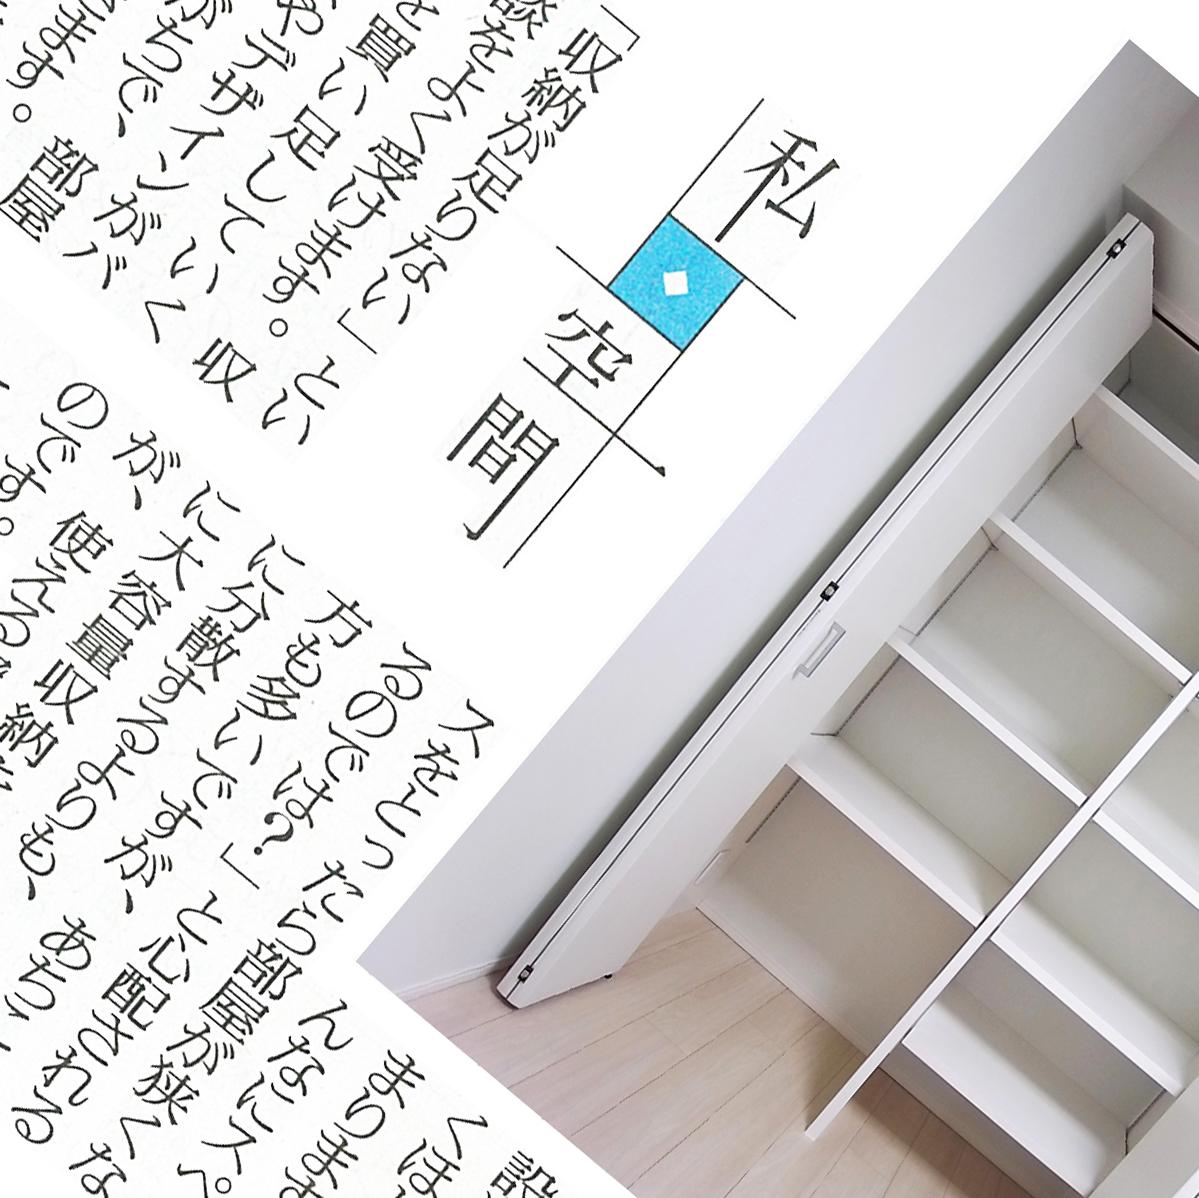 読売新聞夕刊(2019年6月5日号)「私・空間」コラム